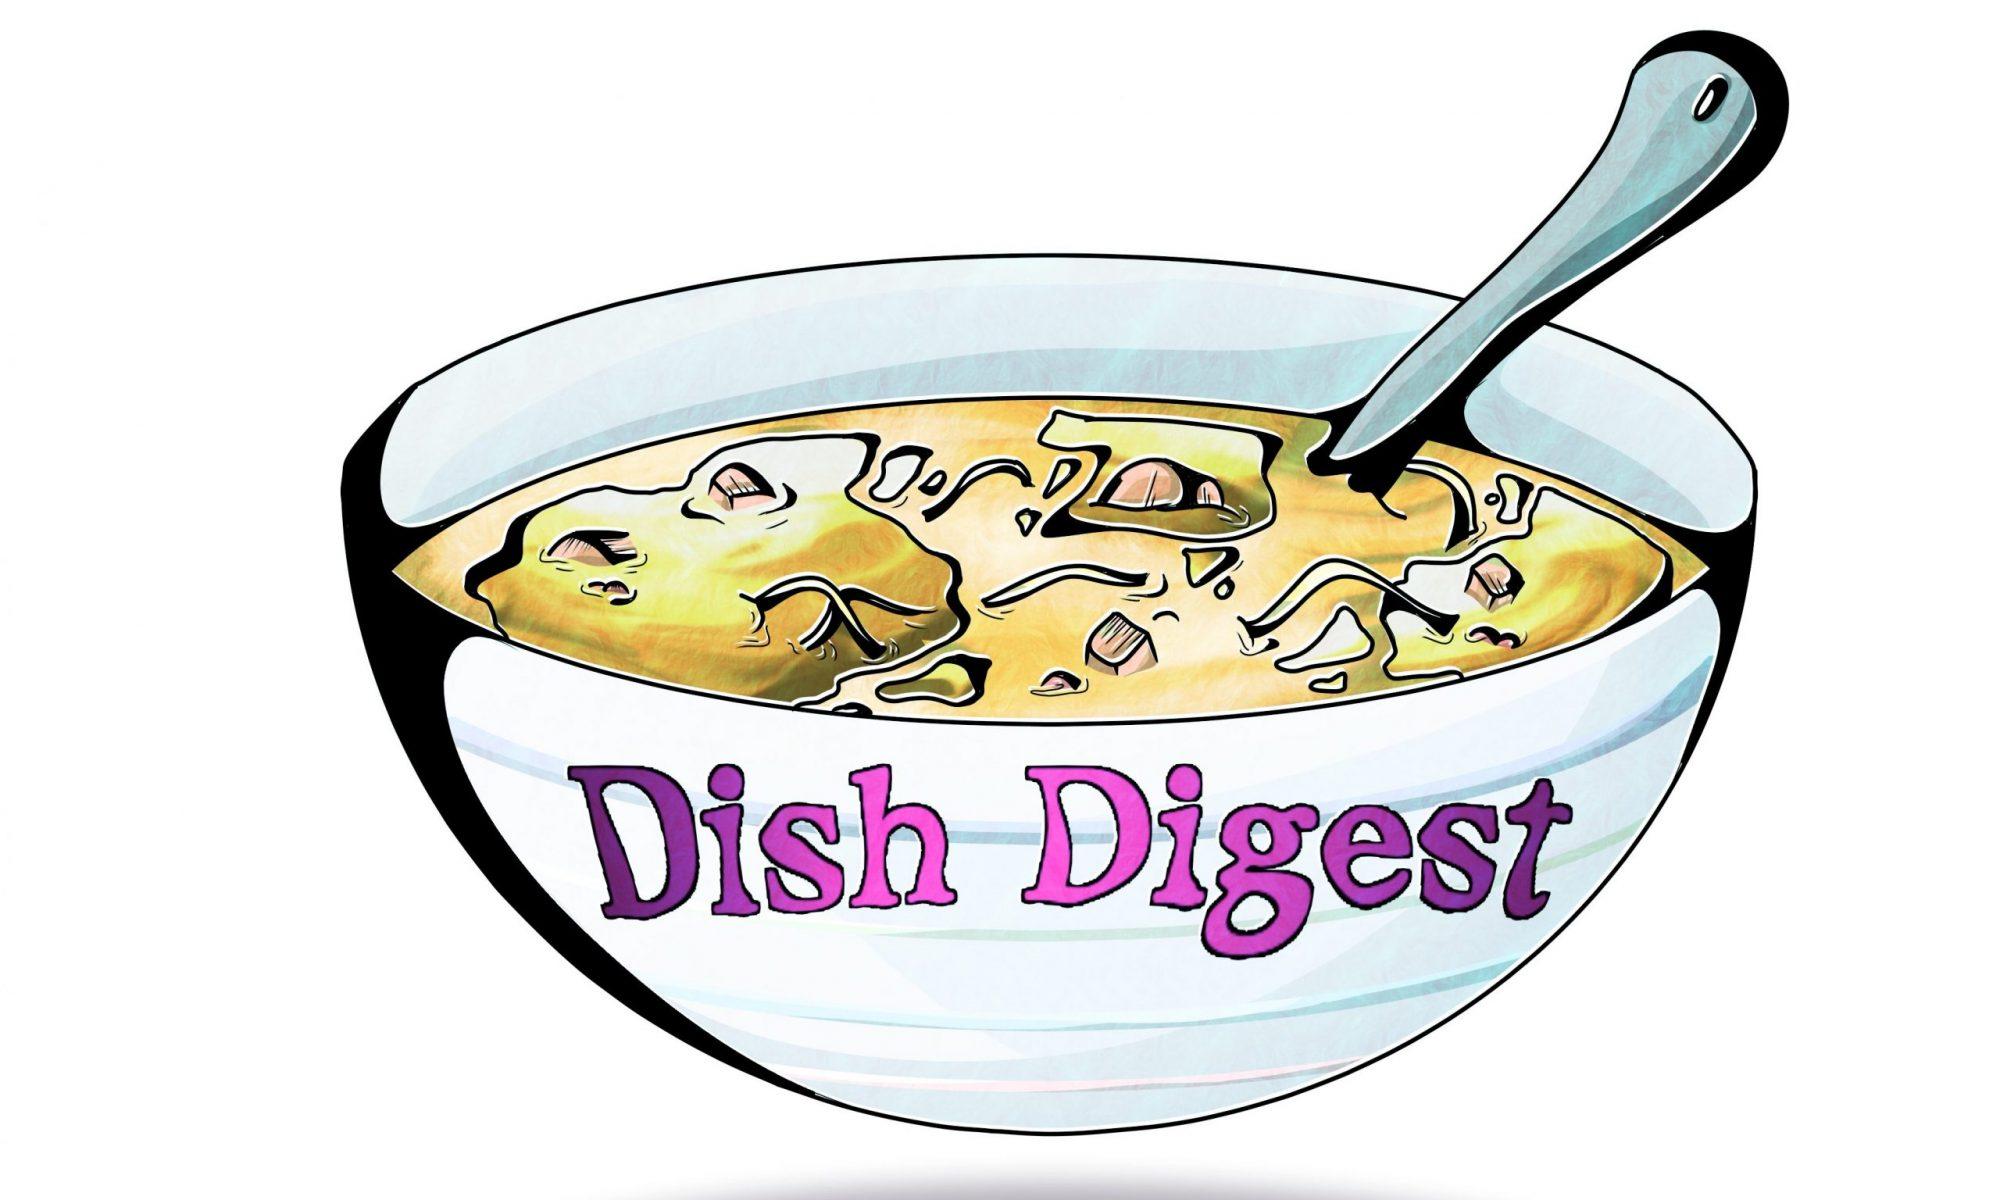 Dish Digest